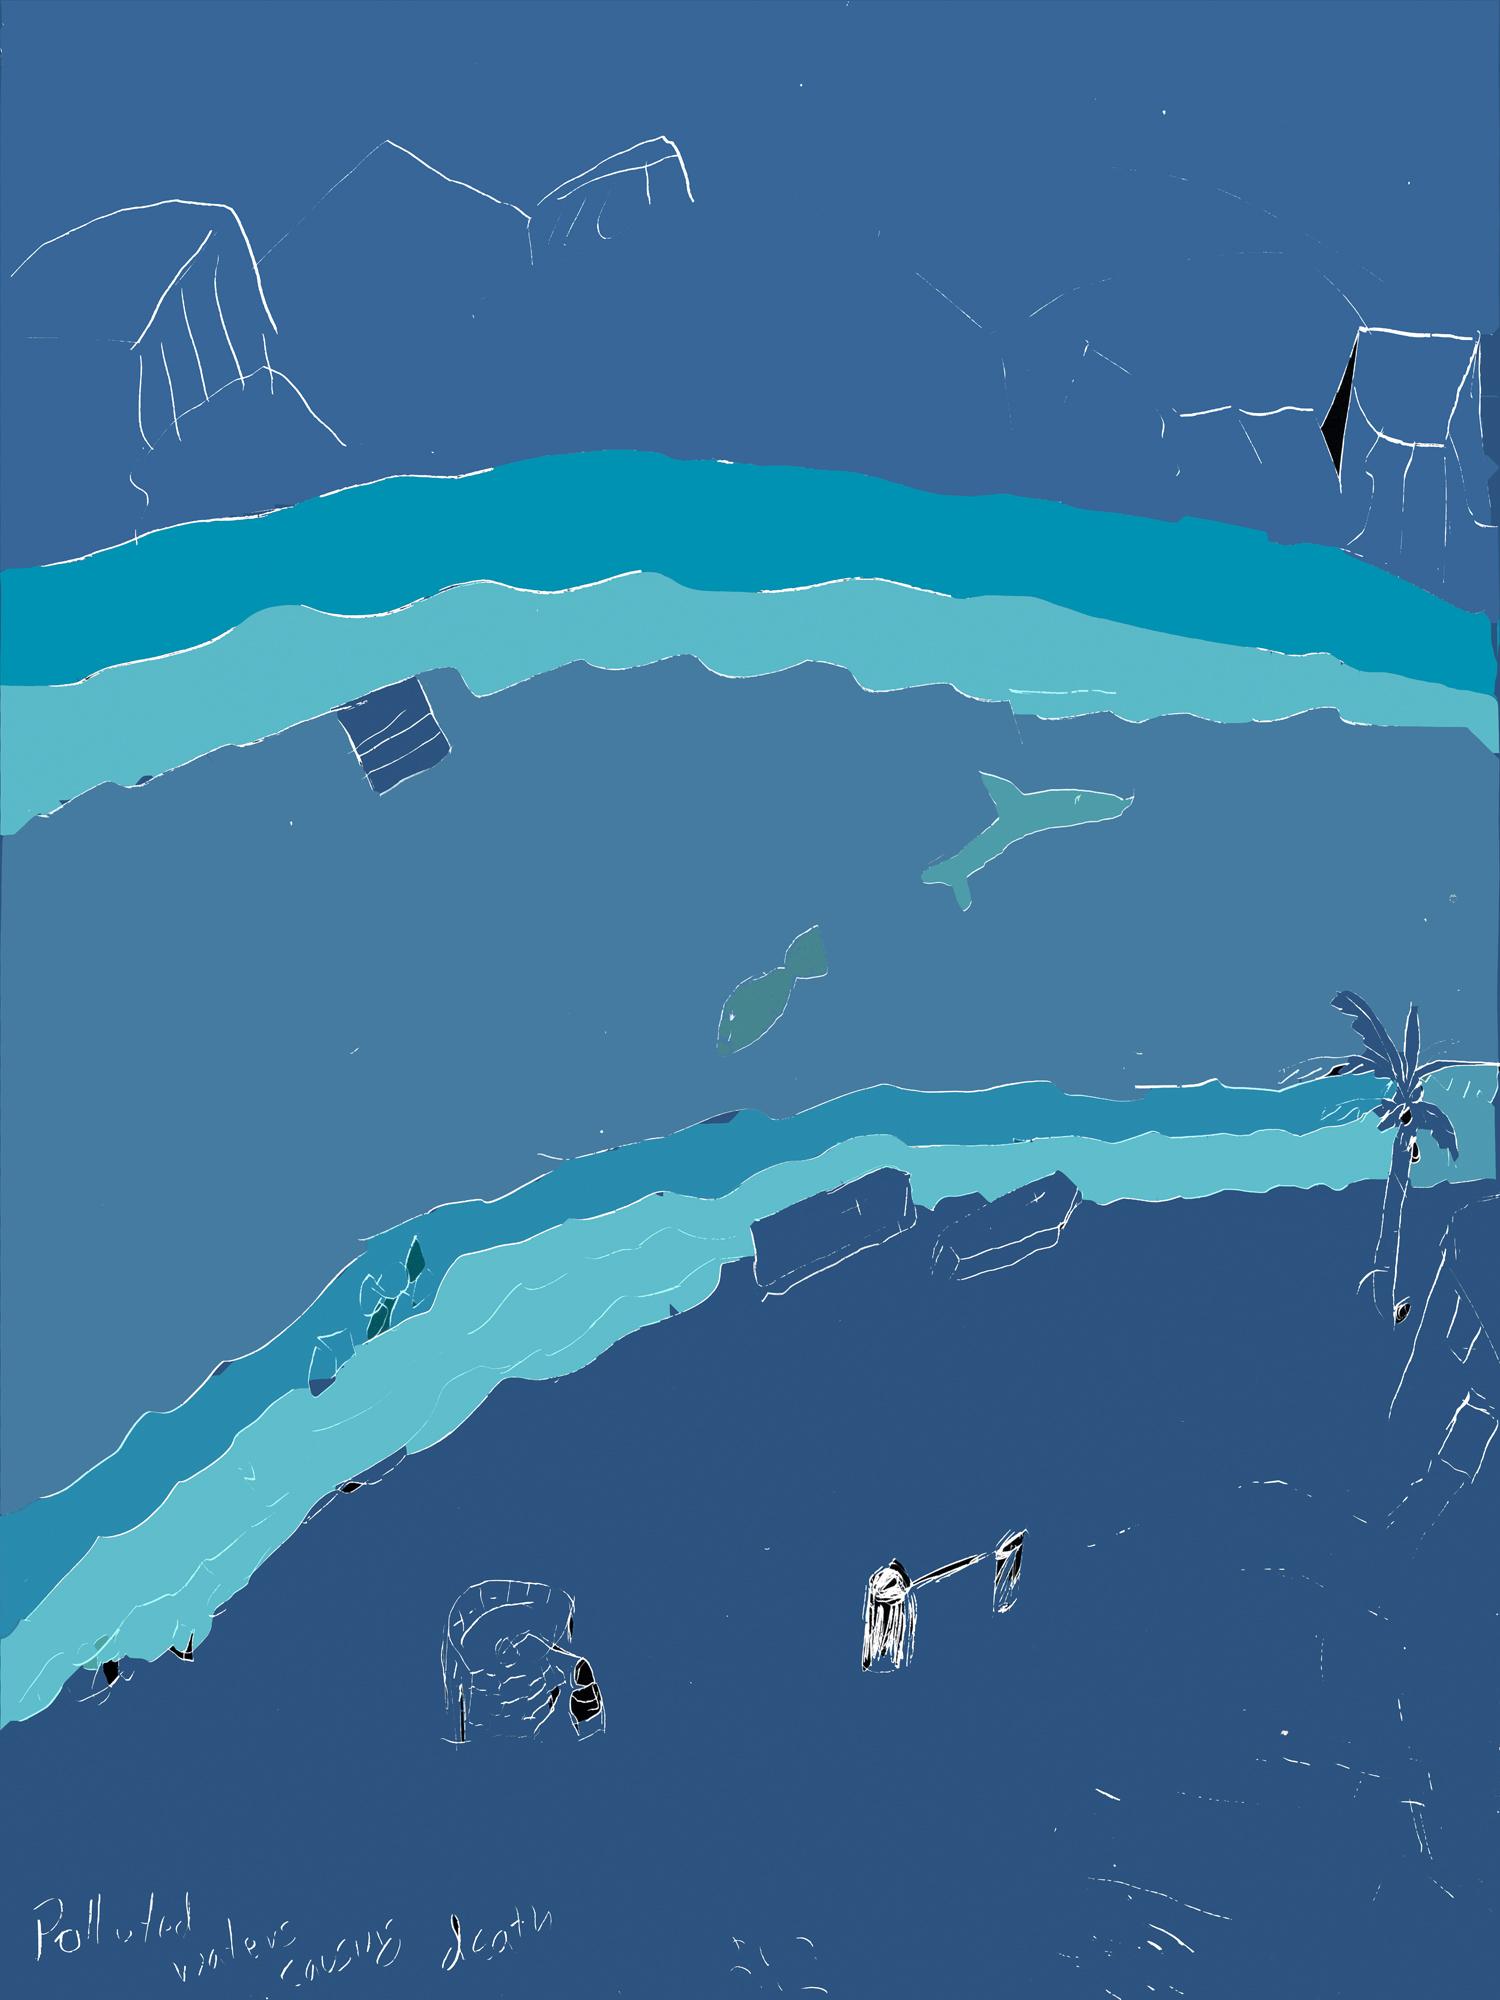 pollutedwaterscausingdeath.jpg